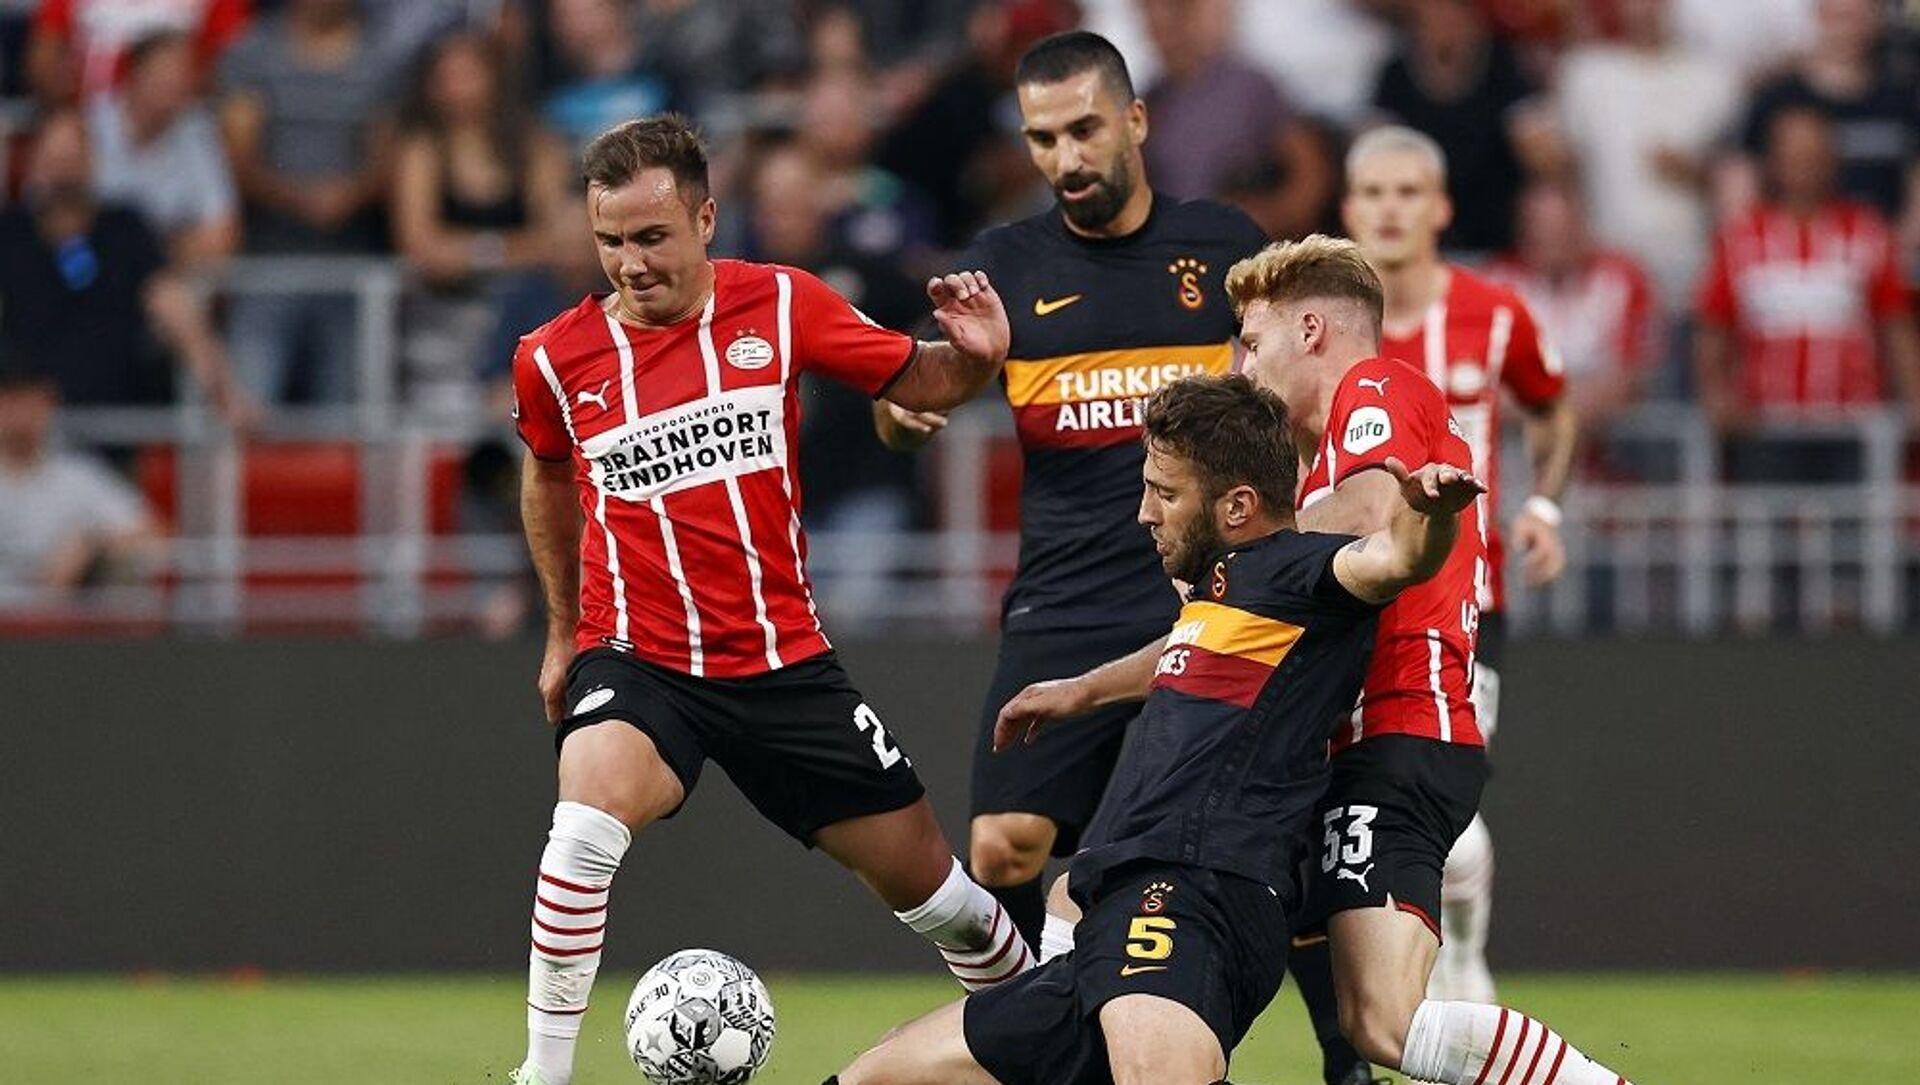 UEFA Şampiyonlar Ligi 2. Eleme Turu ilk maçında Galatasaray, Hollanda ekibi PSV'ye deplasmanda 5-1 mağlup oldu  - Sputnik Türkiye, 1920, 27.07.2021